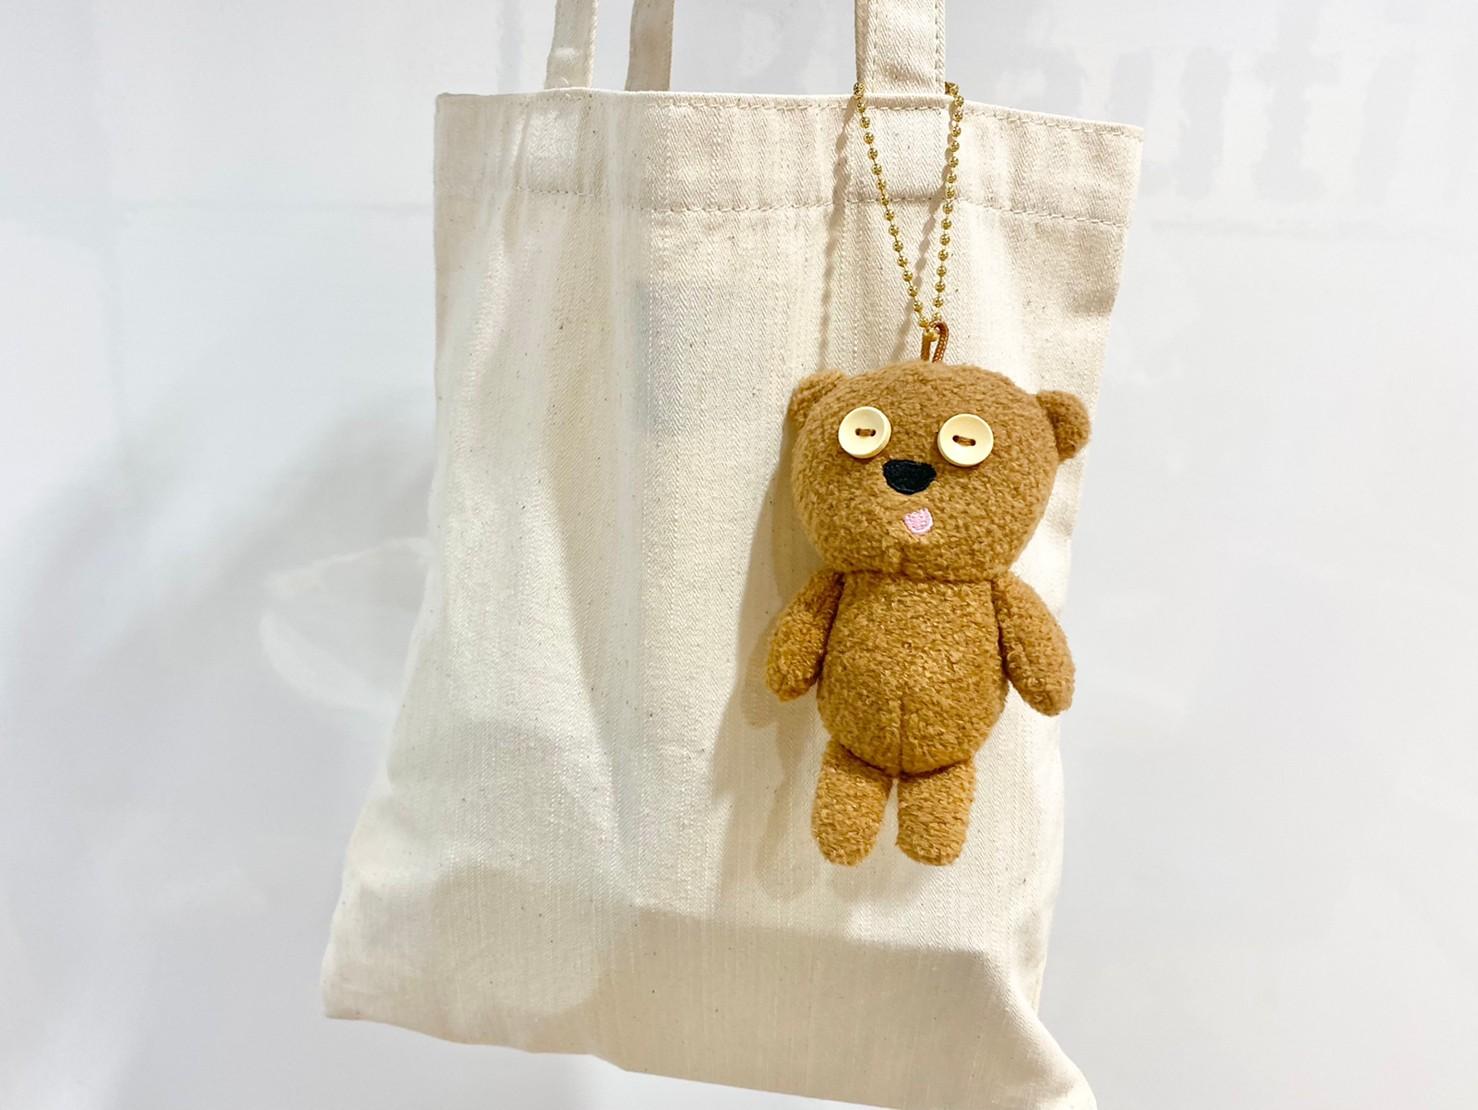 『ティムのミニチャーム』をバッグに付けた画像